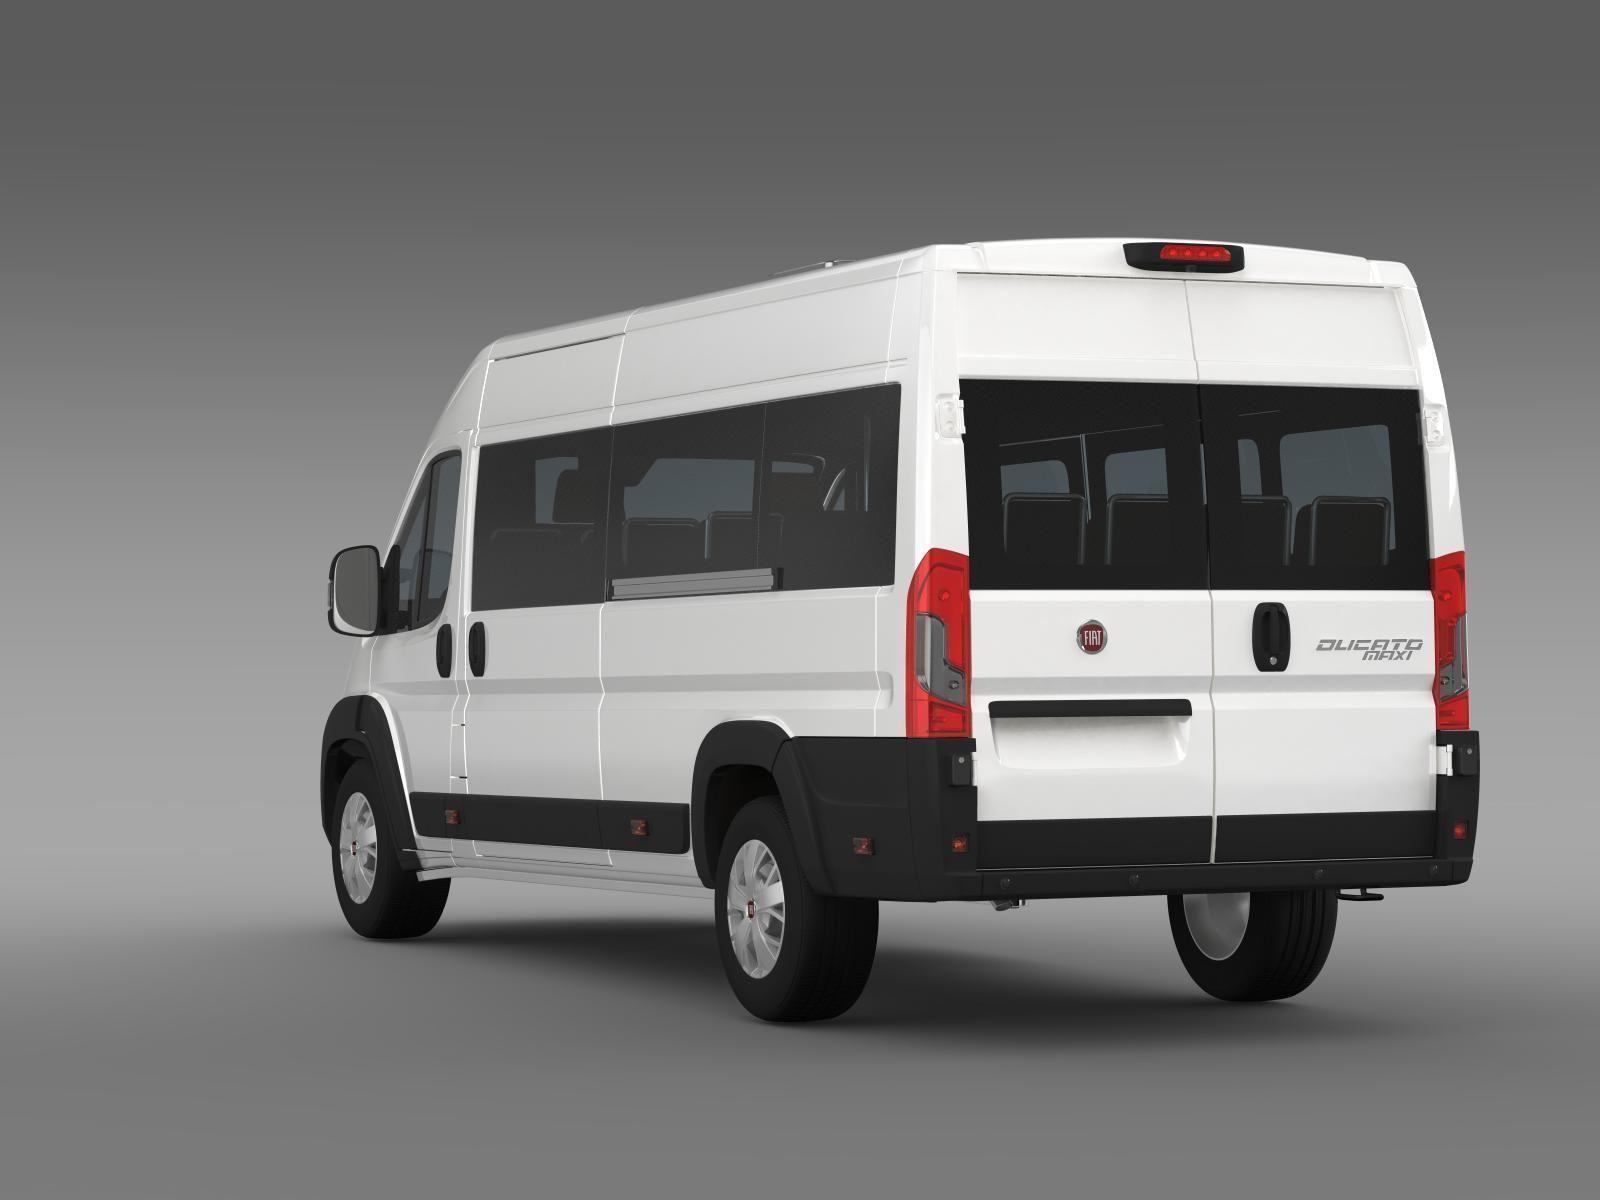 fiat ducato scuolabus 2015 3d model max obj 3ds fbx c4d lwo lw lws. Black Bedroom Furniture Sets. Home Design Ideas